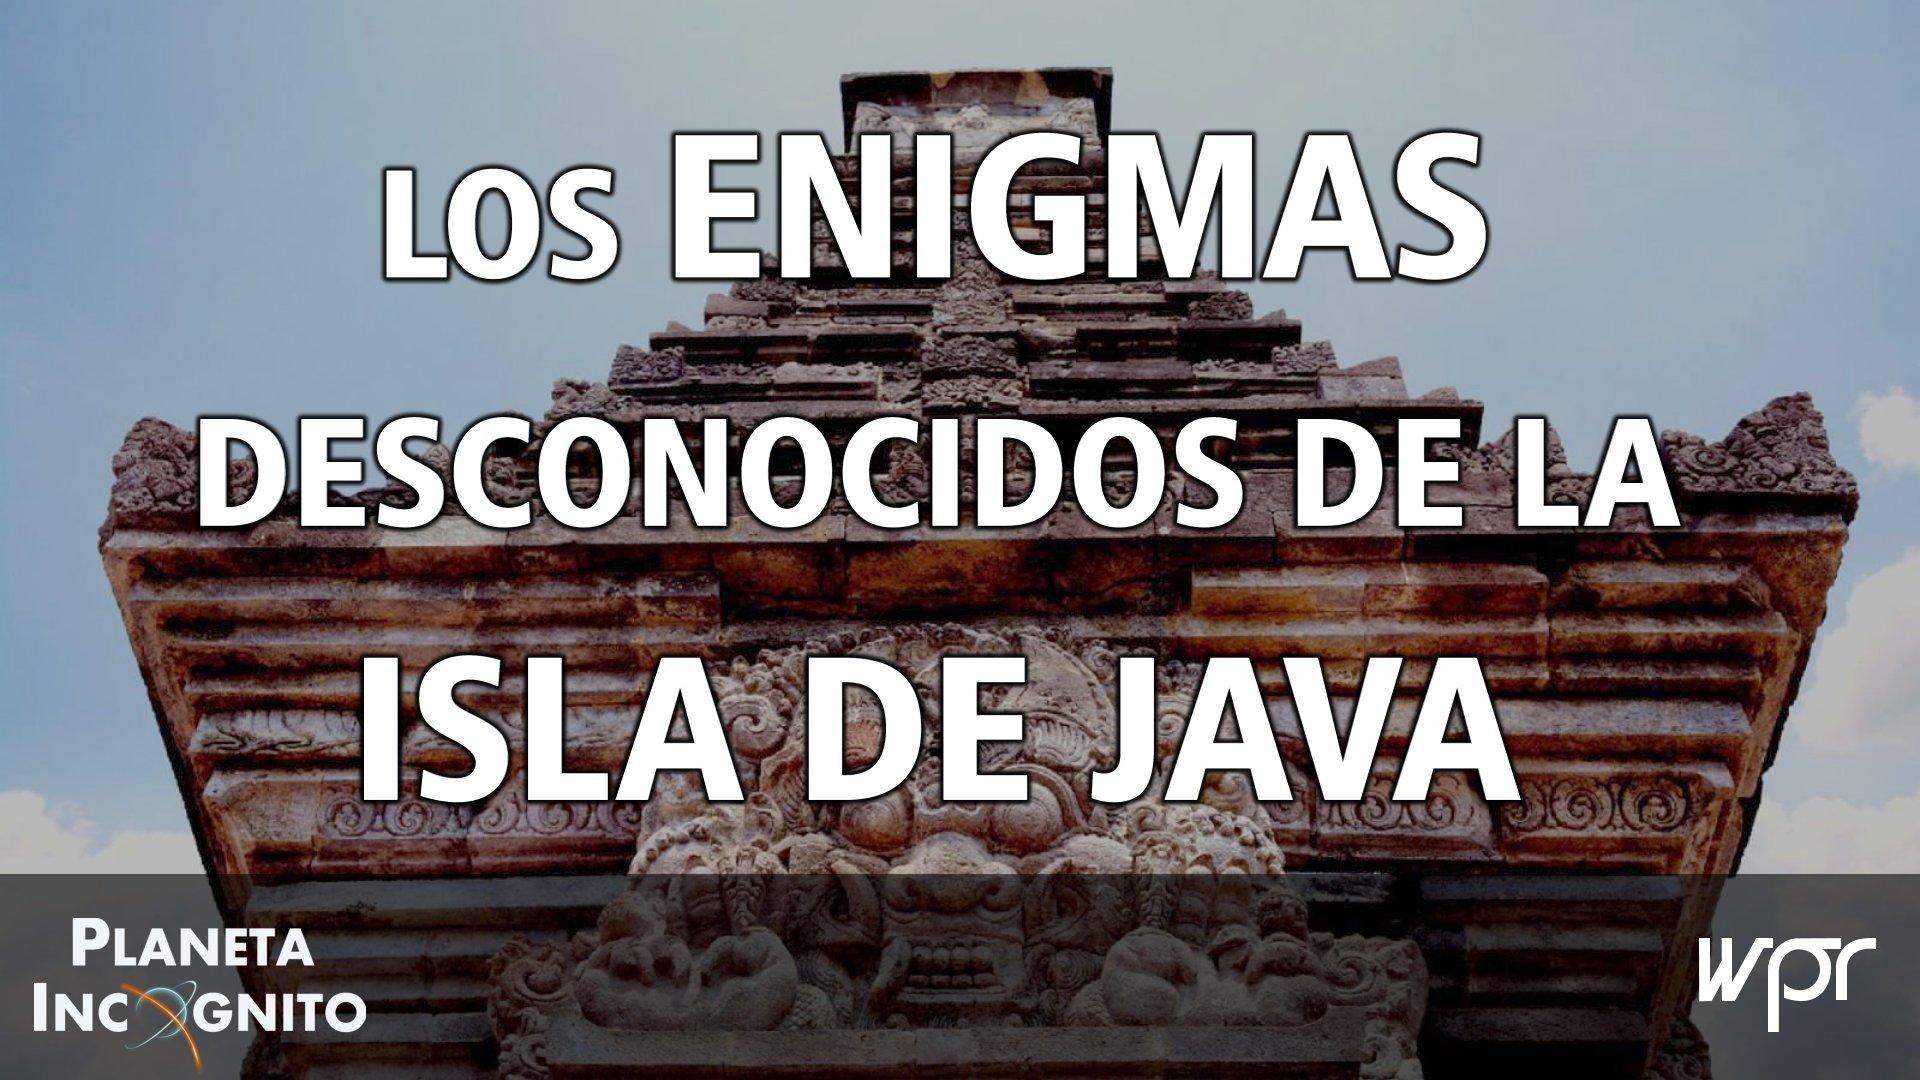 4x21 Los Enigmas Desconocidos de la Isla de Java 2